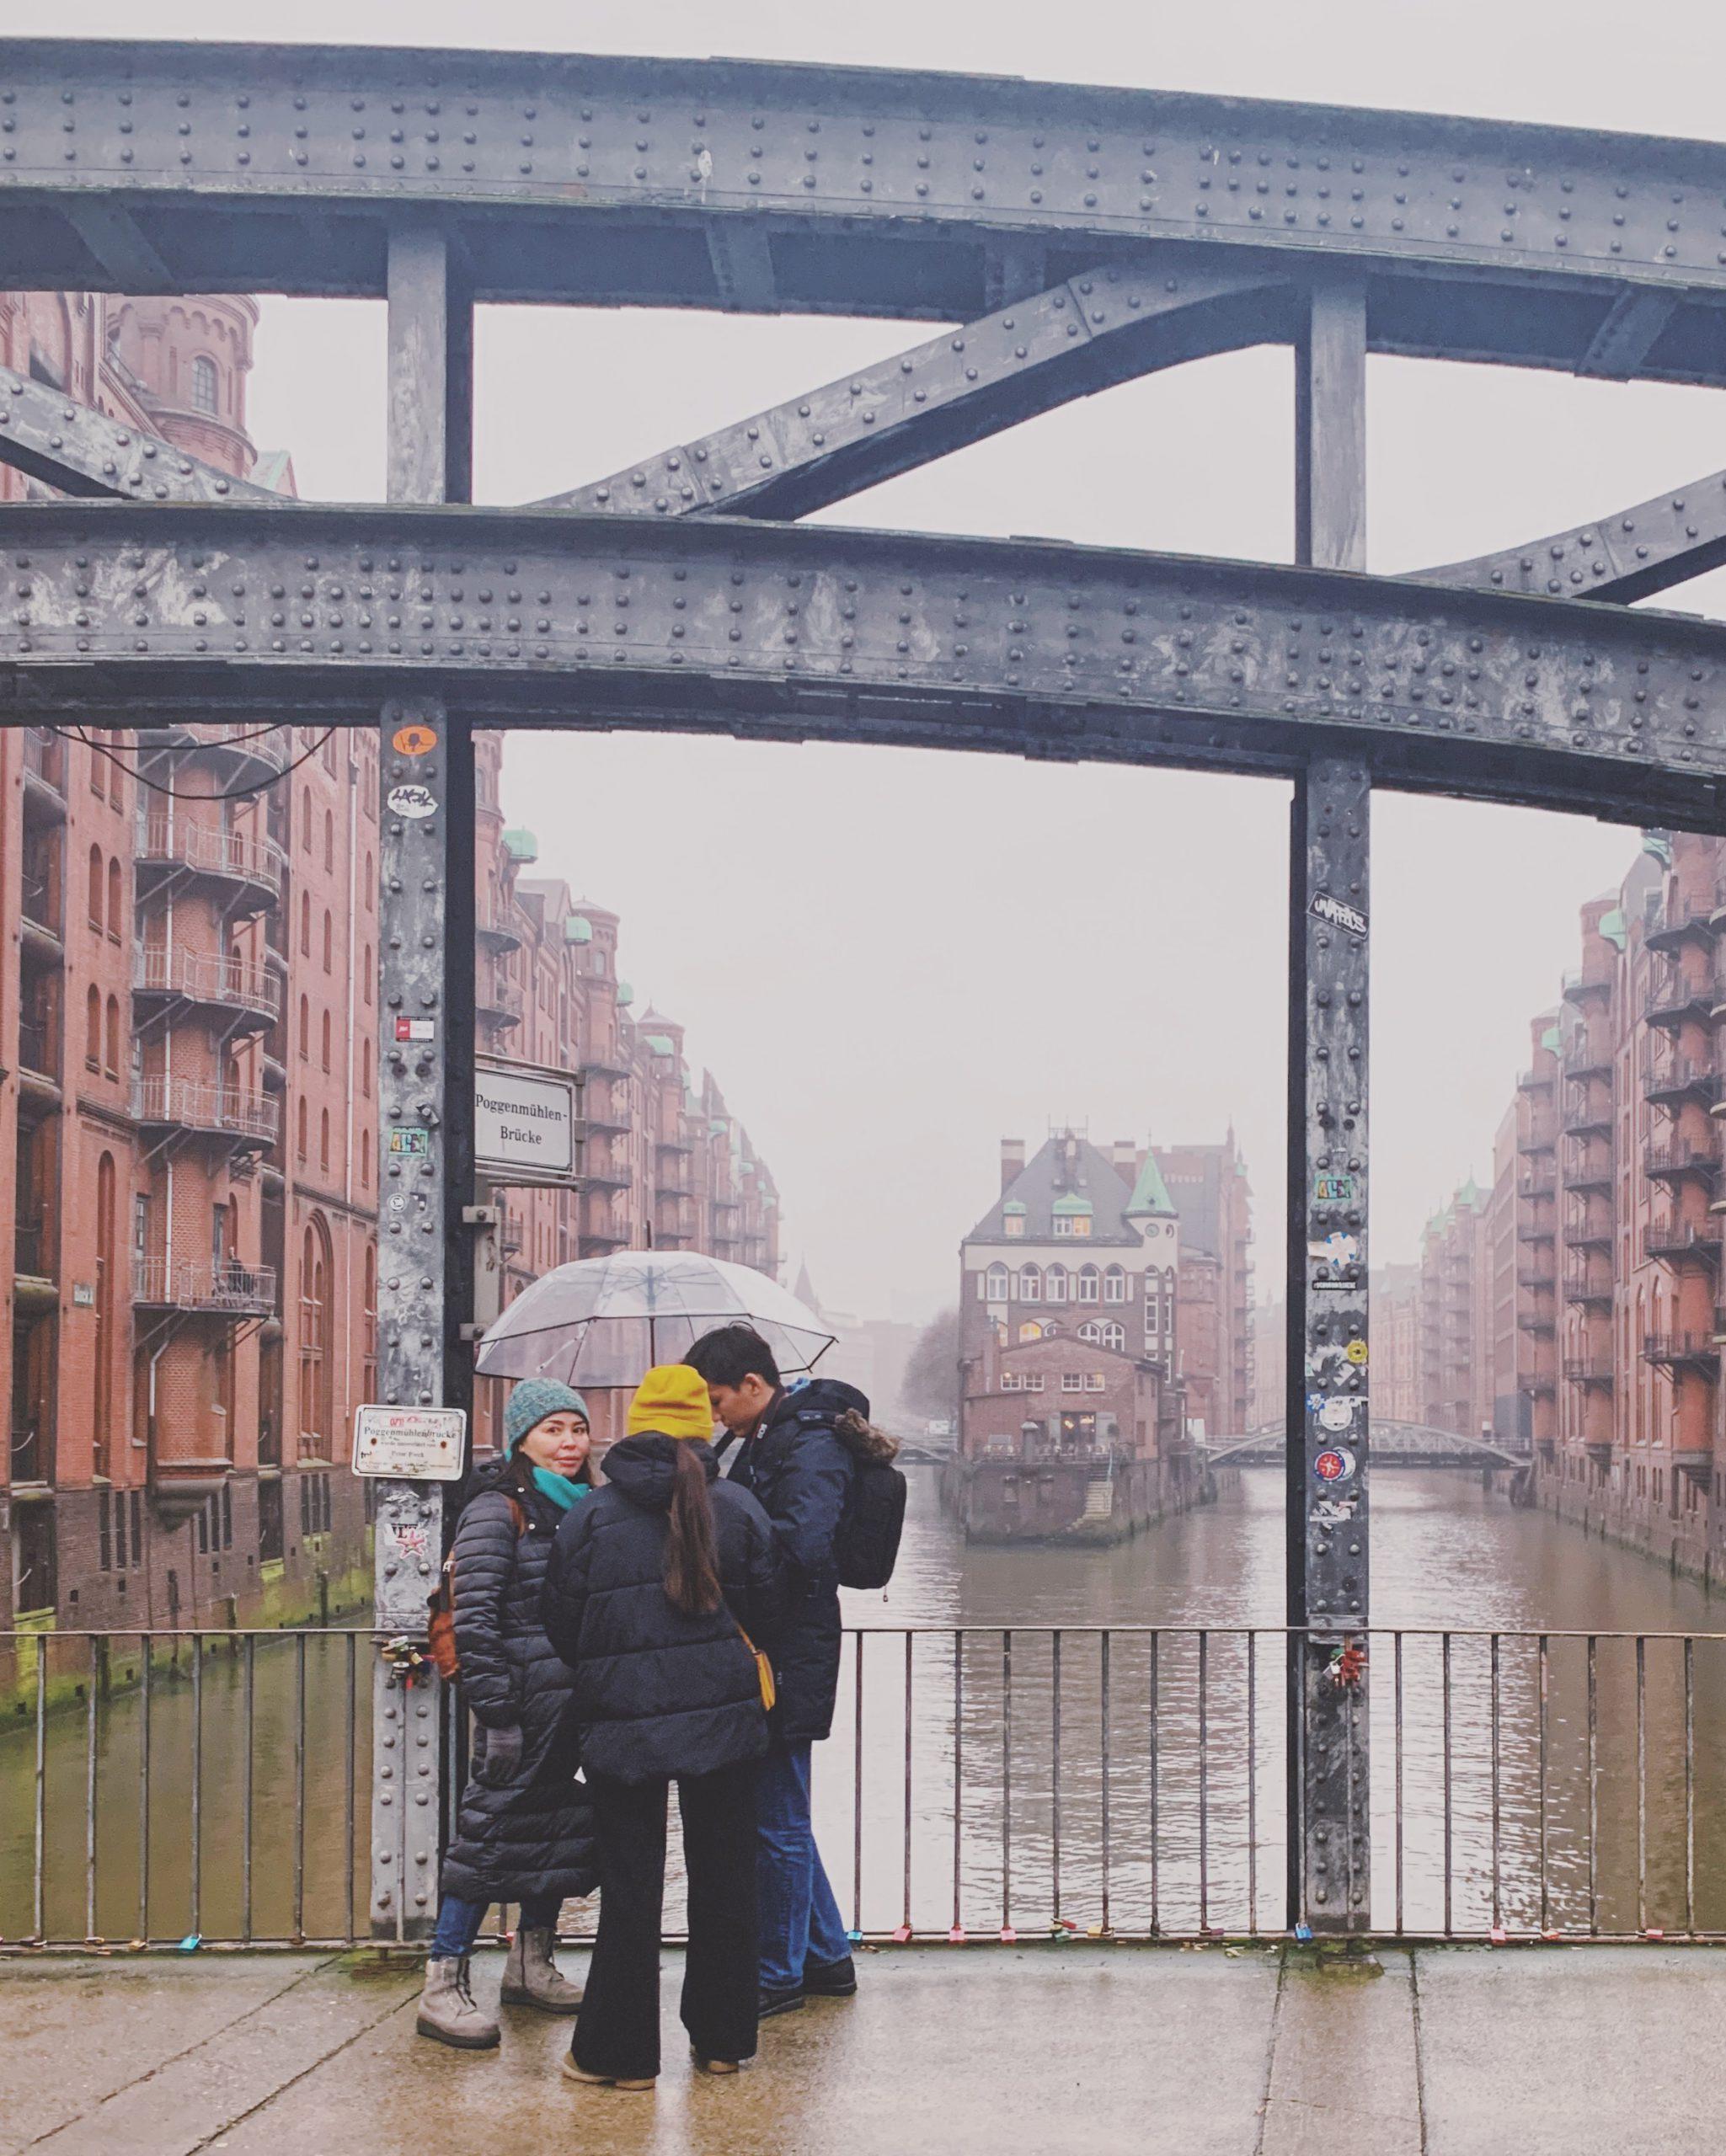 Schietwetter fotografieren in Hamburg: Nebel in der Speicherstadt am Wasserschloss